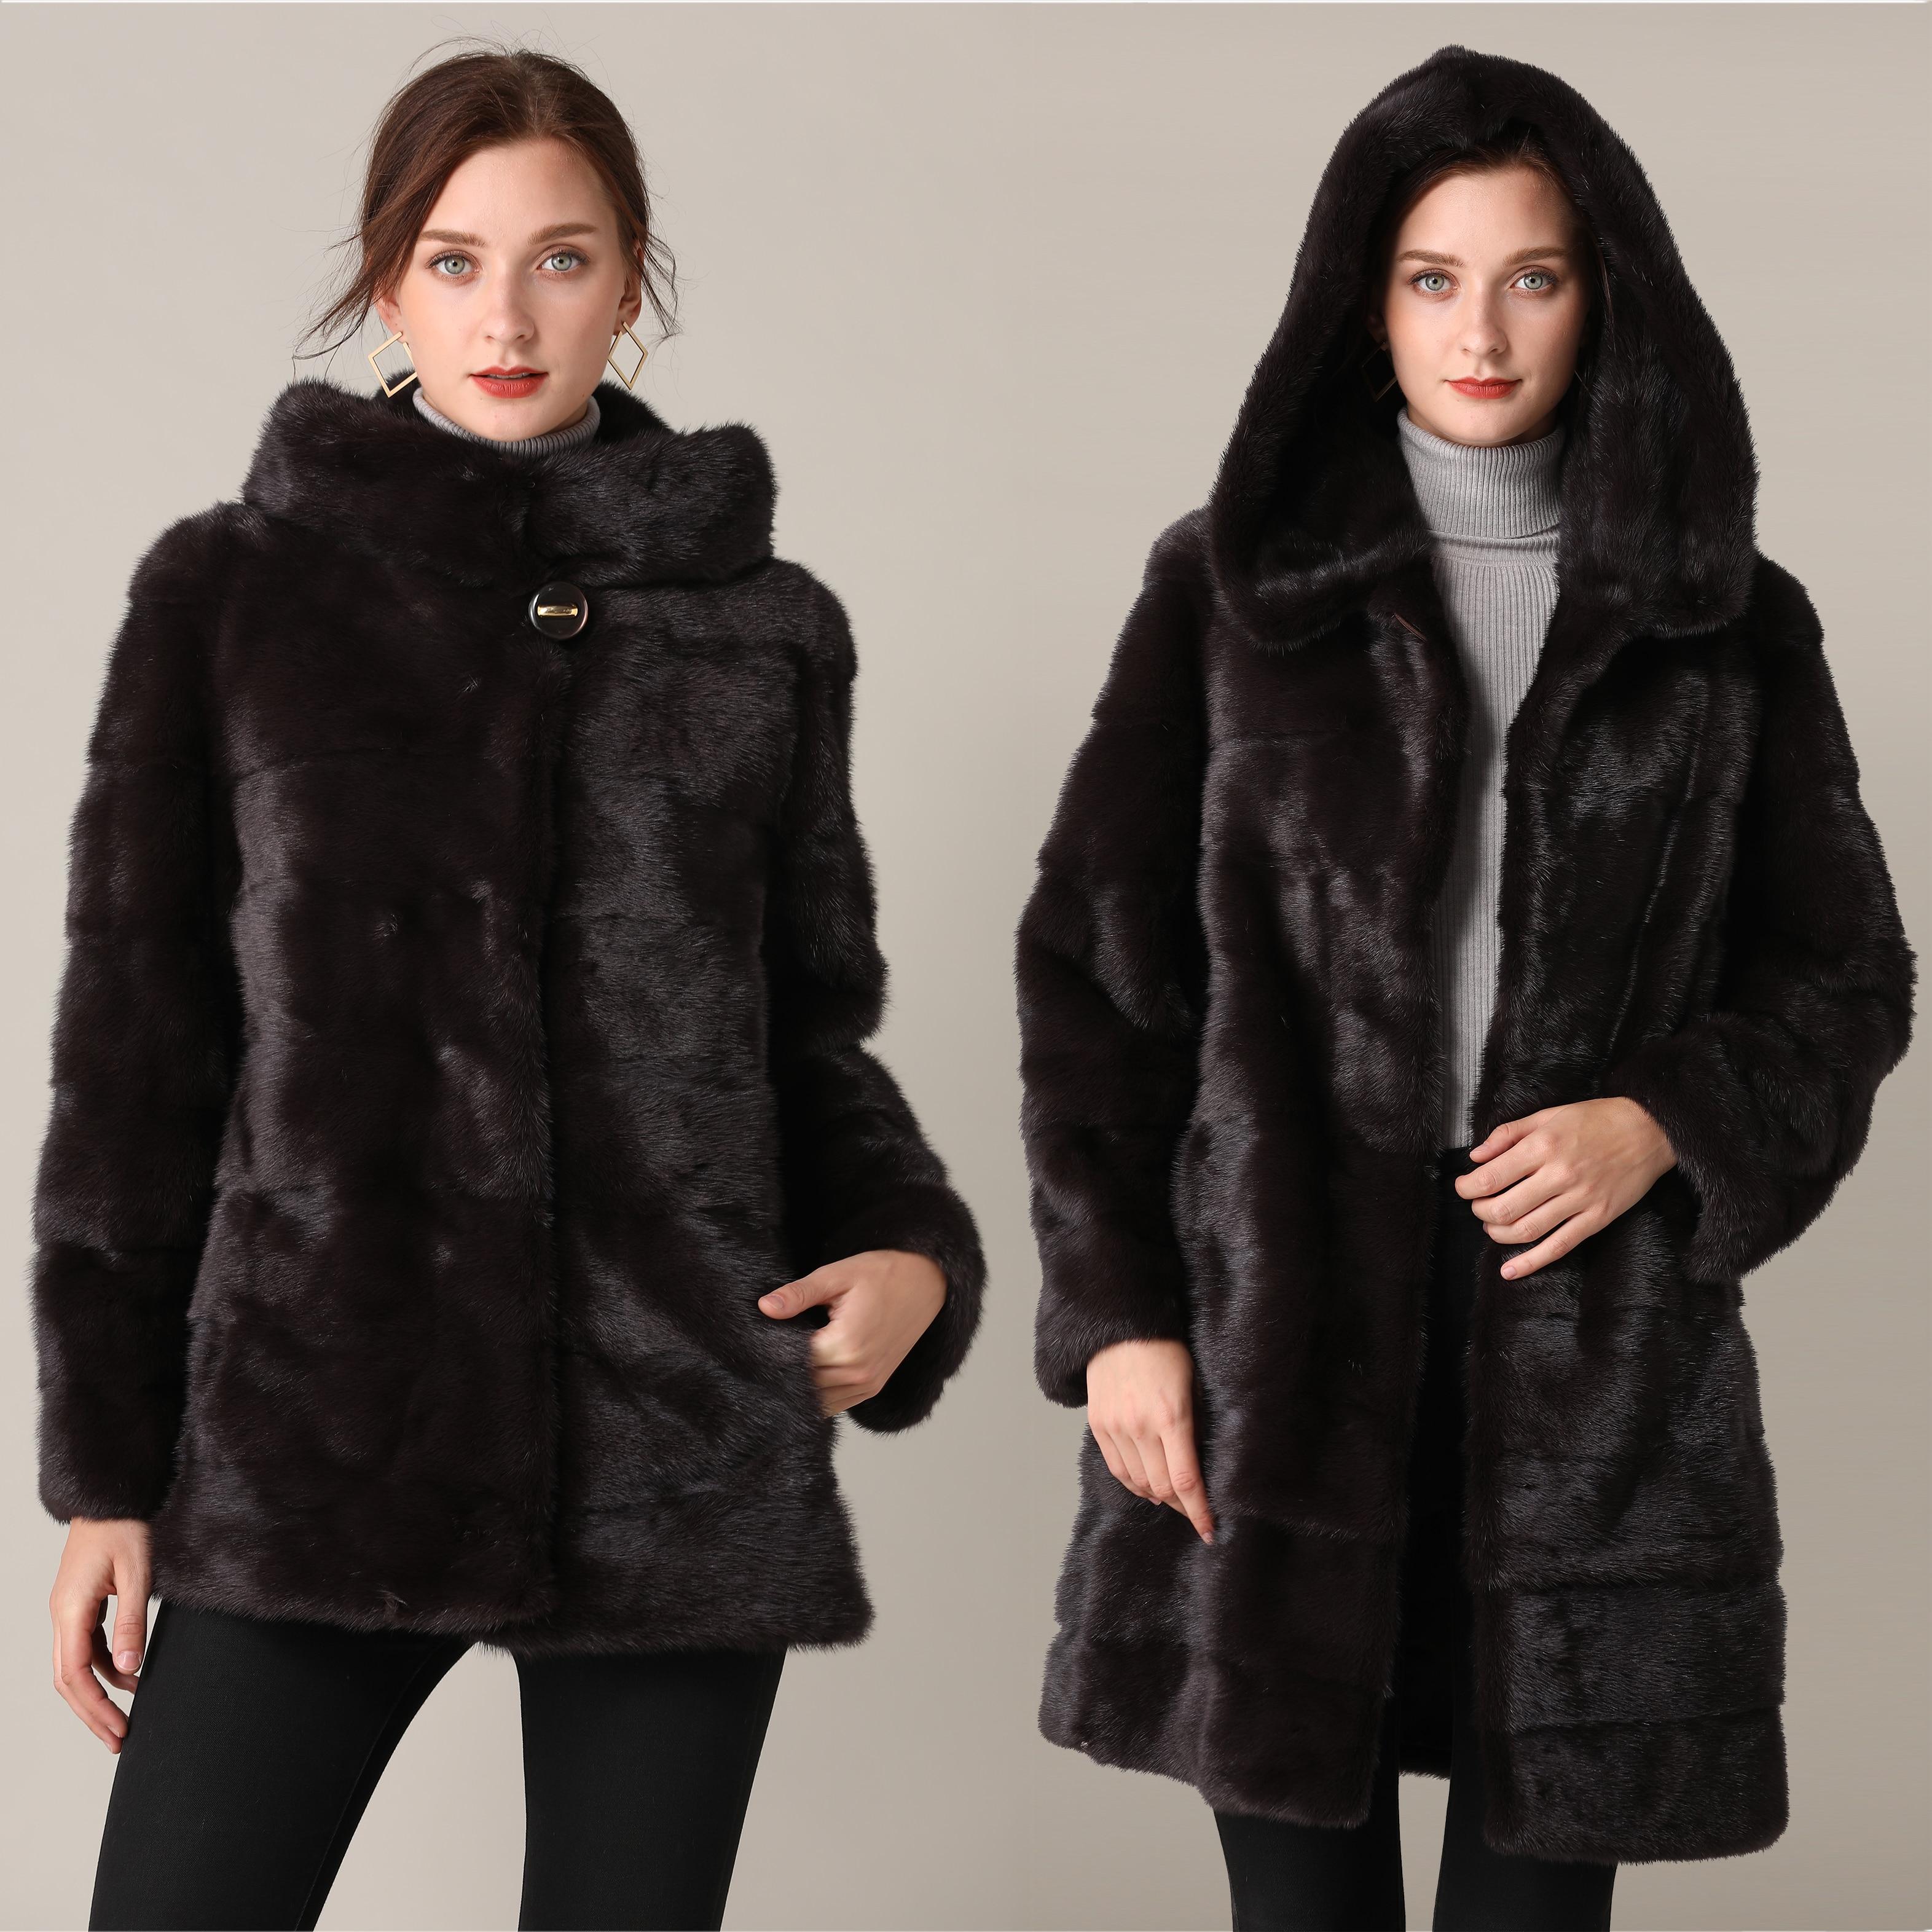 Настоящая норковая шуба, зимняя длинная шуба из натурального меха норки, черная теплая женская одежда 2019, винтажная, размера плюс